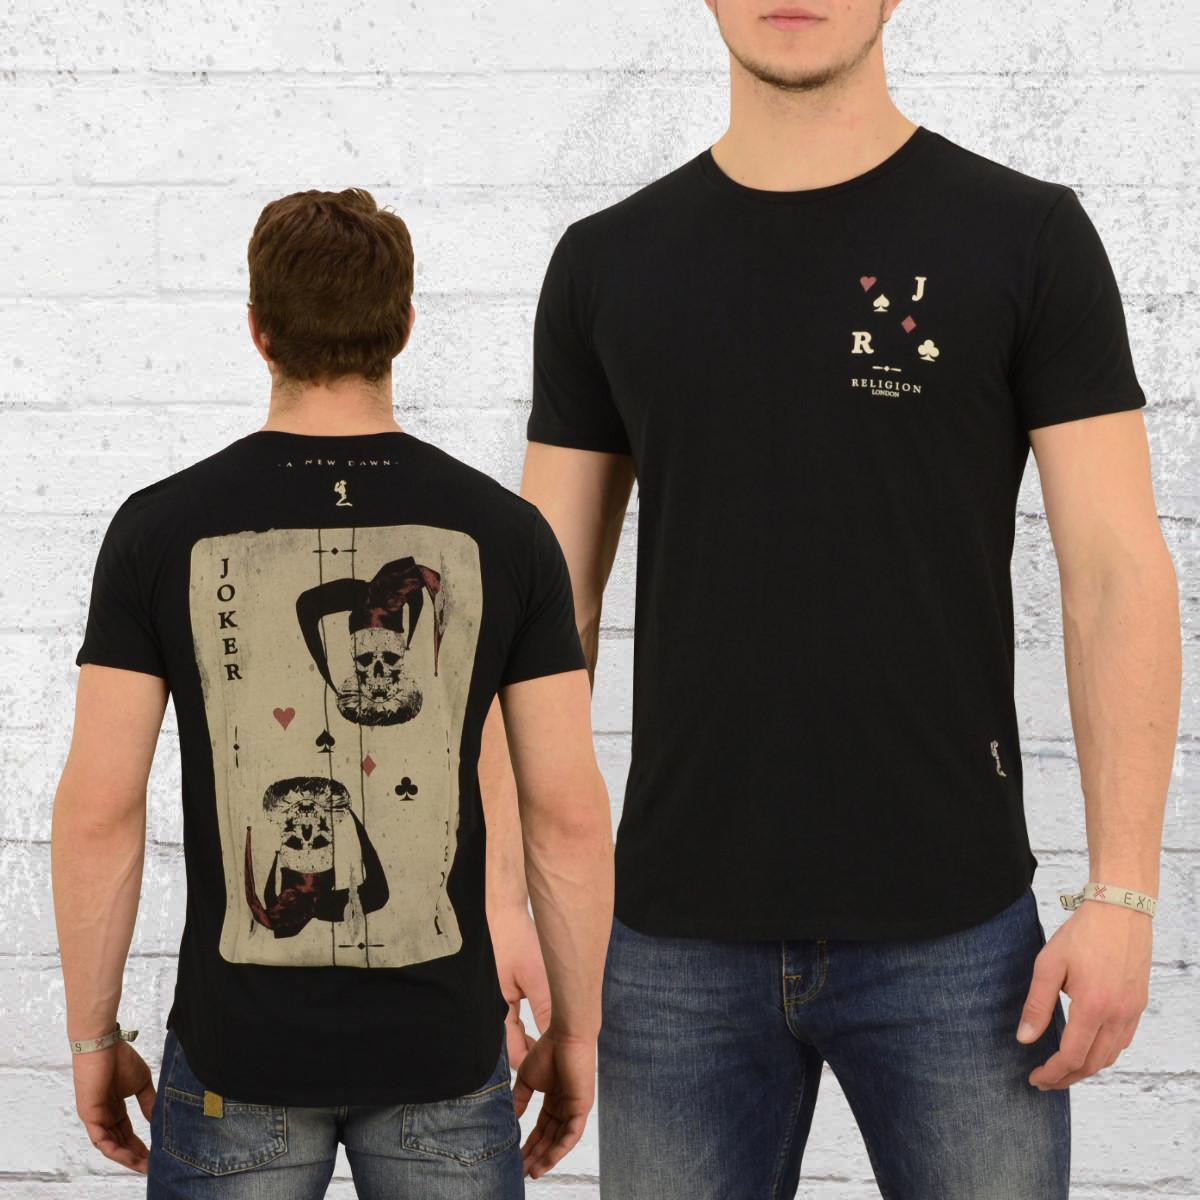 bbb257ce Order now | Religion Clothing Mens T-Shirt Joker Card black